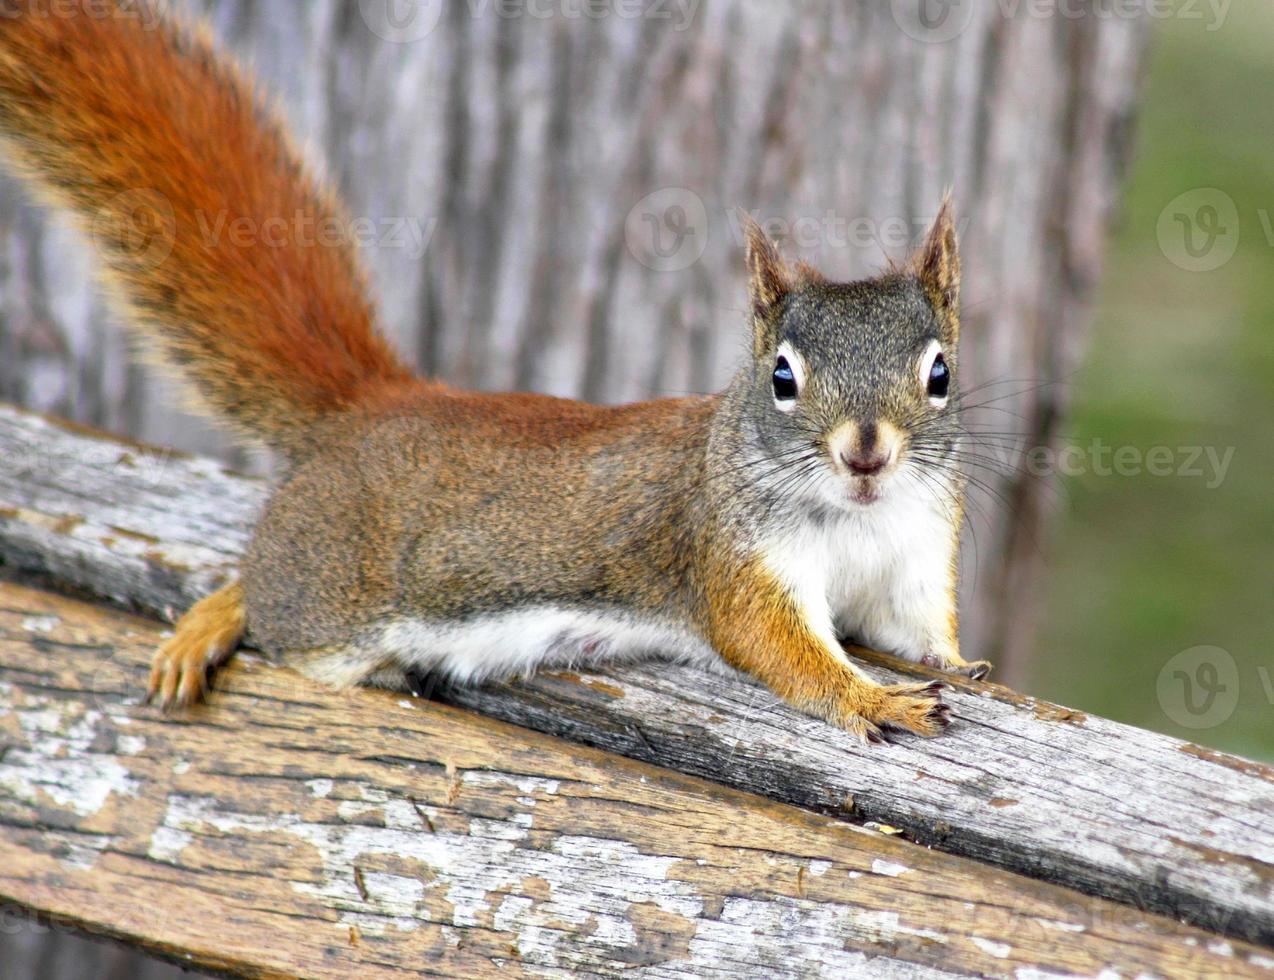 lo scoiattolo rosso foto